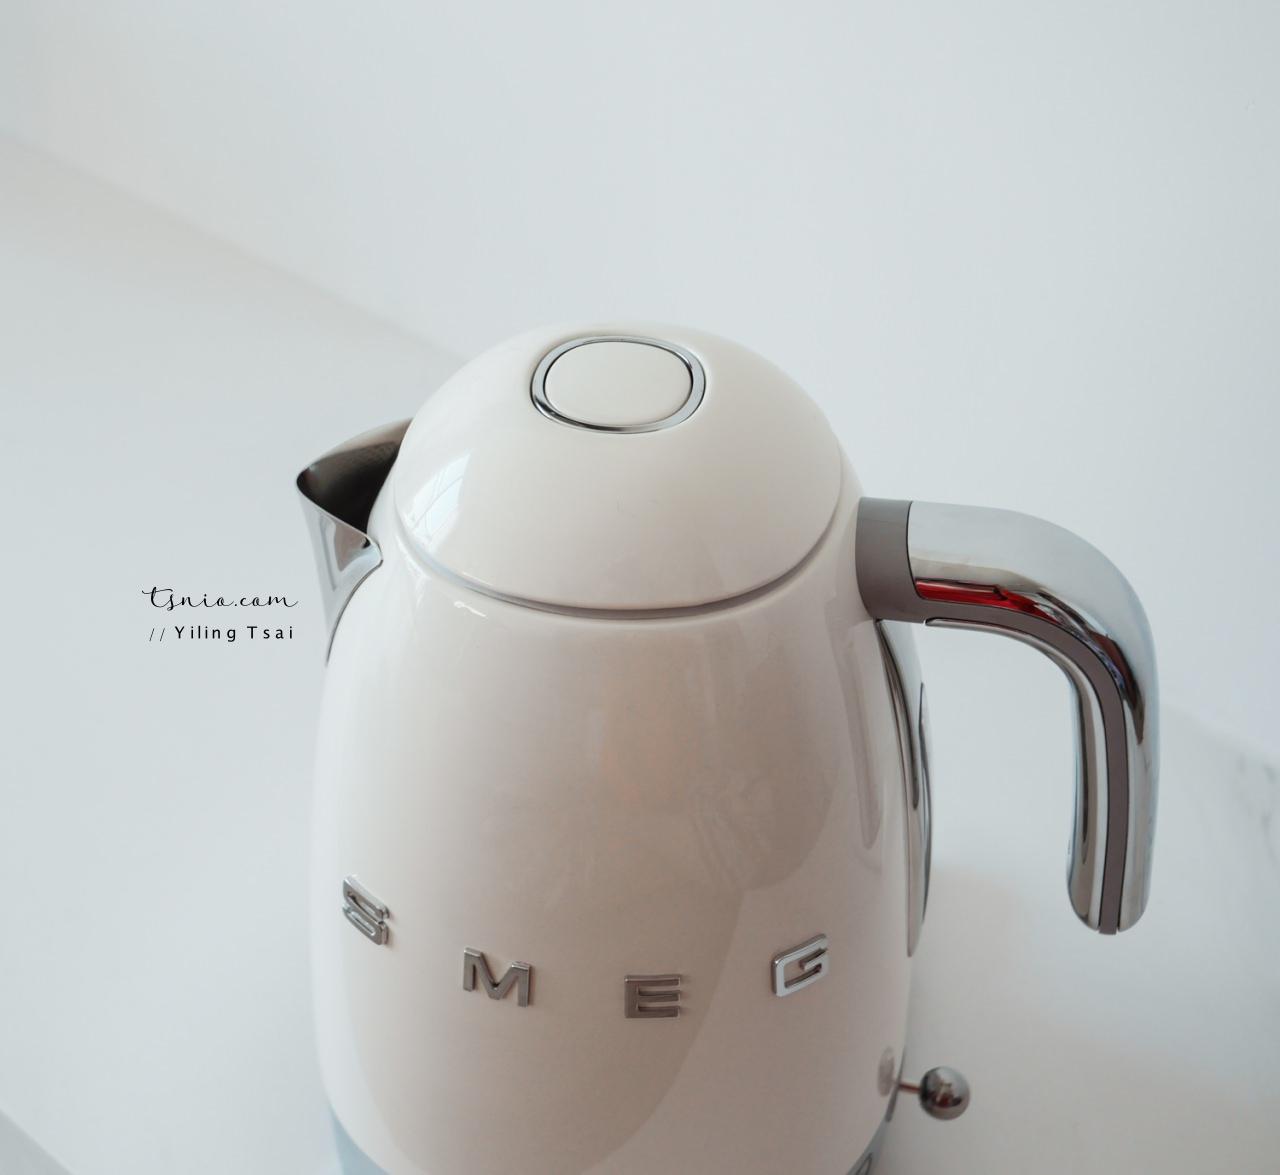 SMEG 義大利復古控溫式電熱水壺 居家夢幻逸品